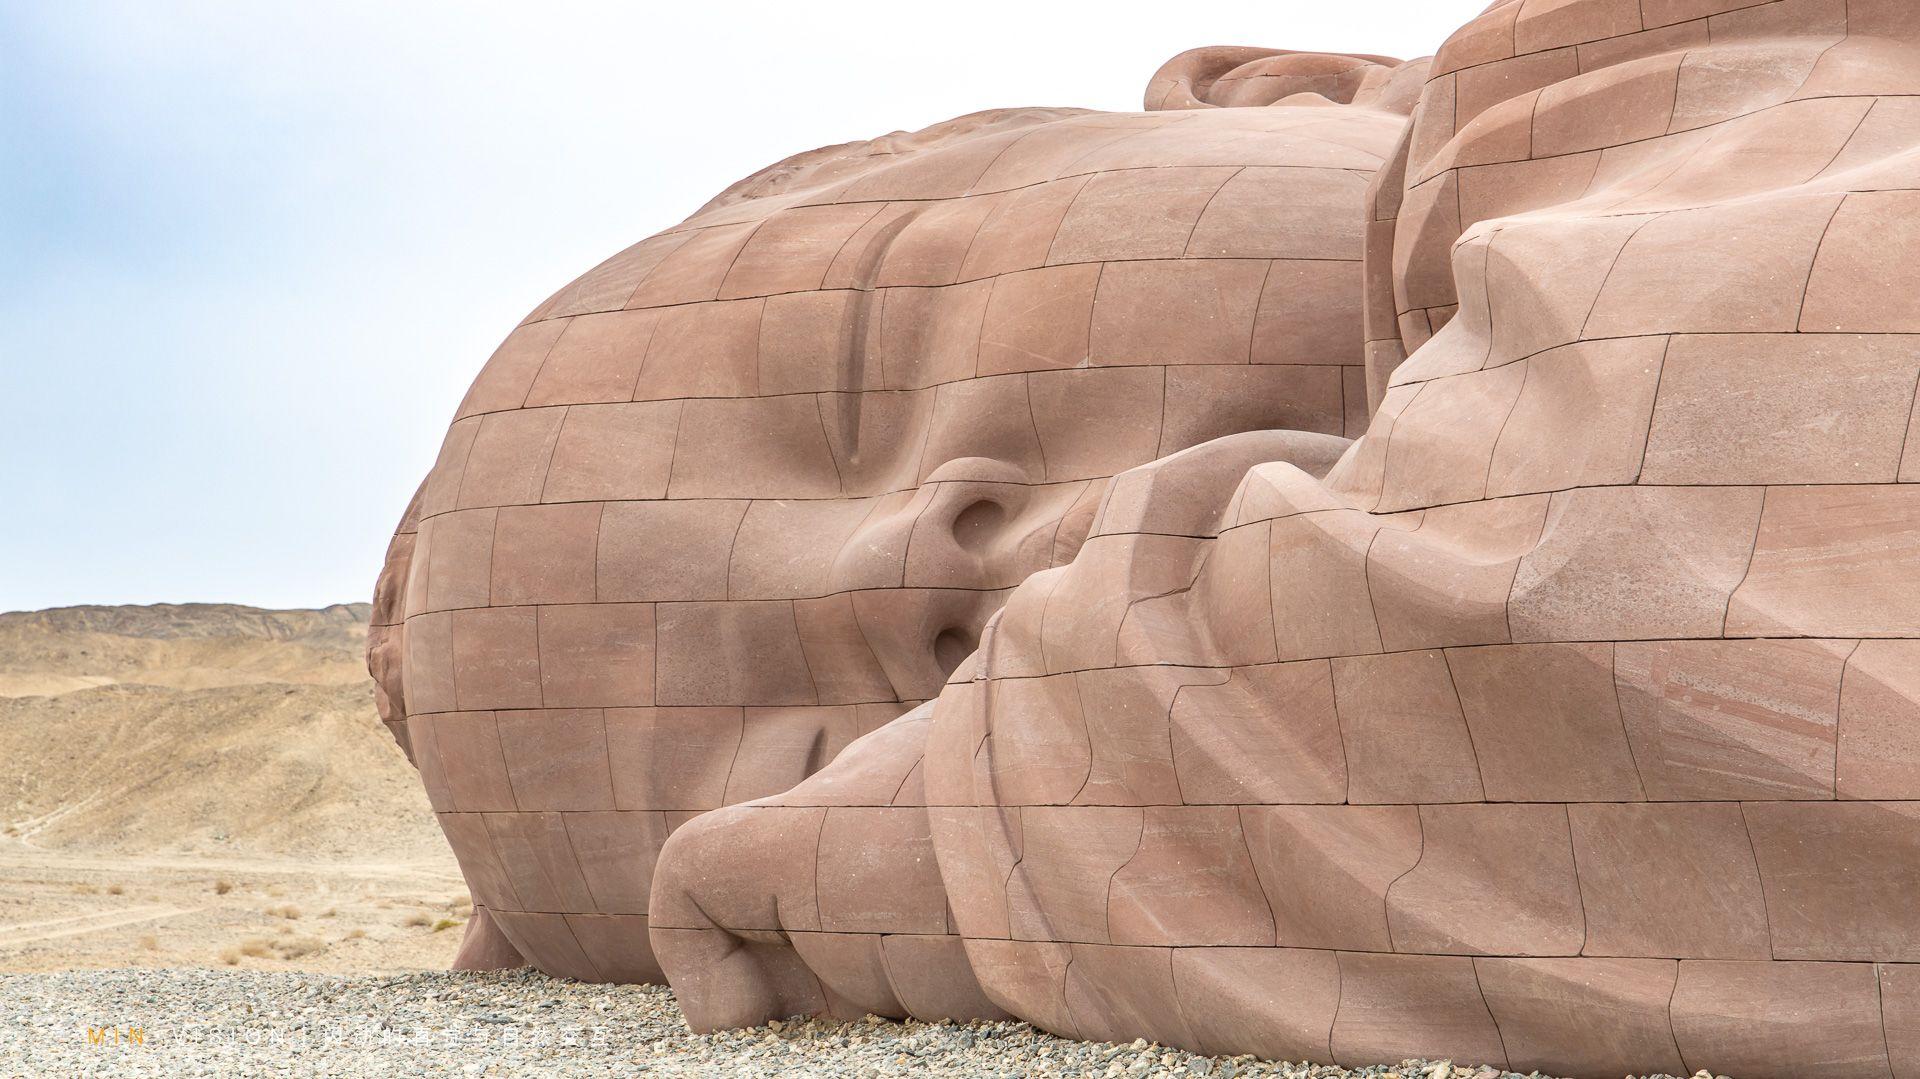 במרכז המרחב העצום של מדבר גובי, ישן תינוק ענק